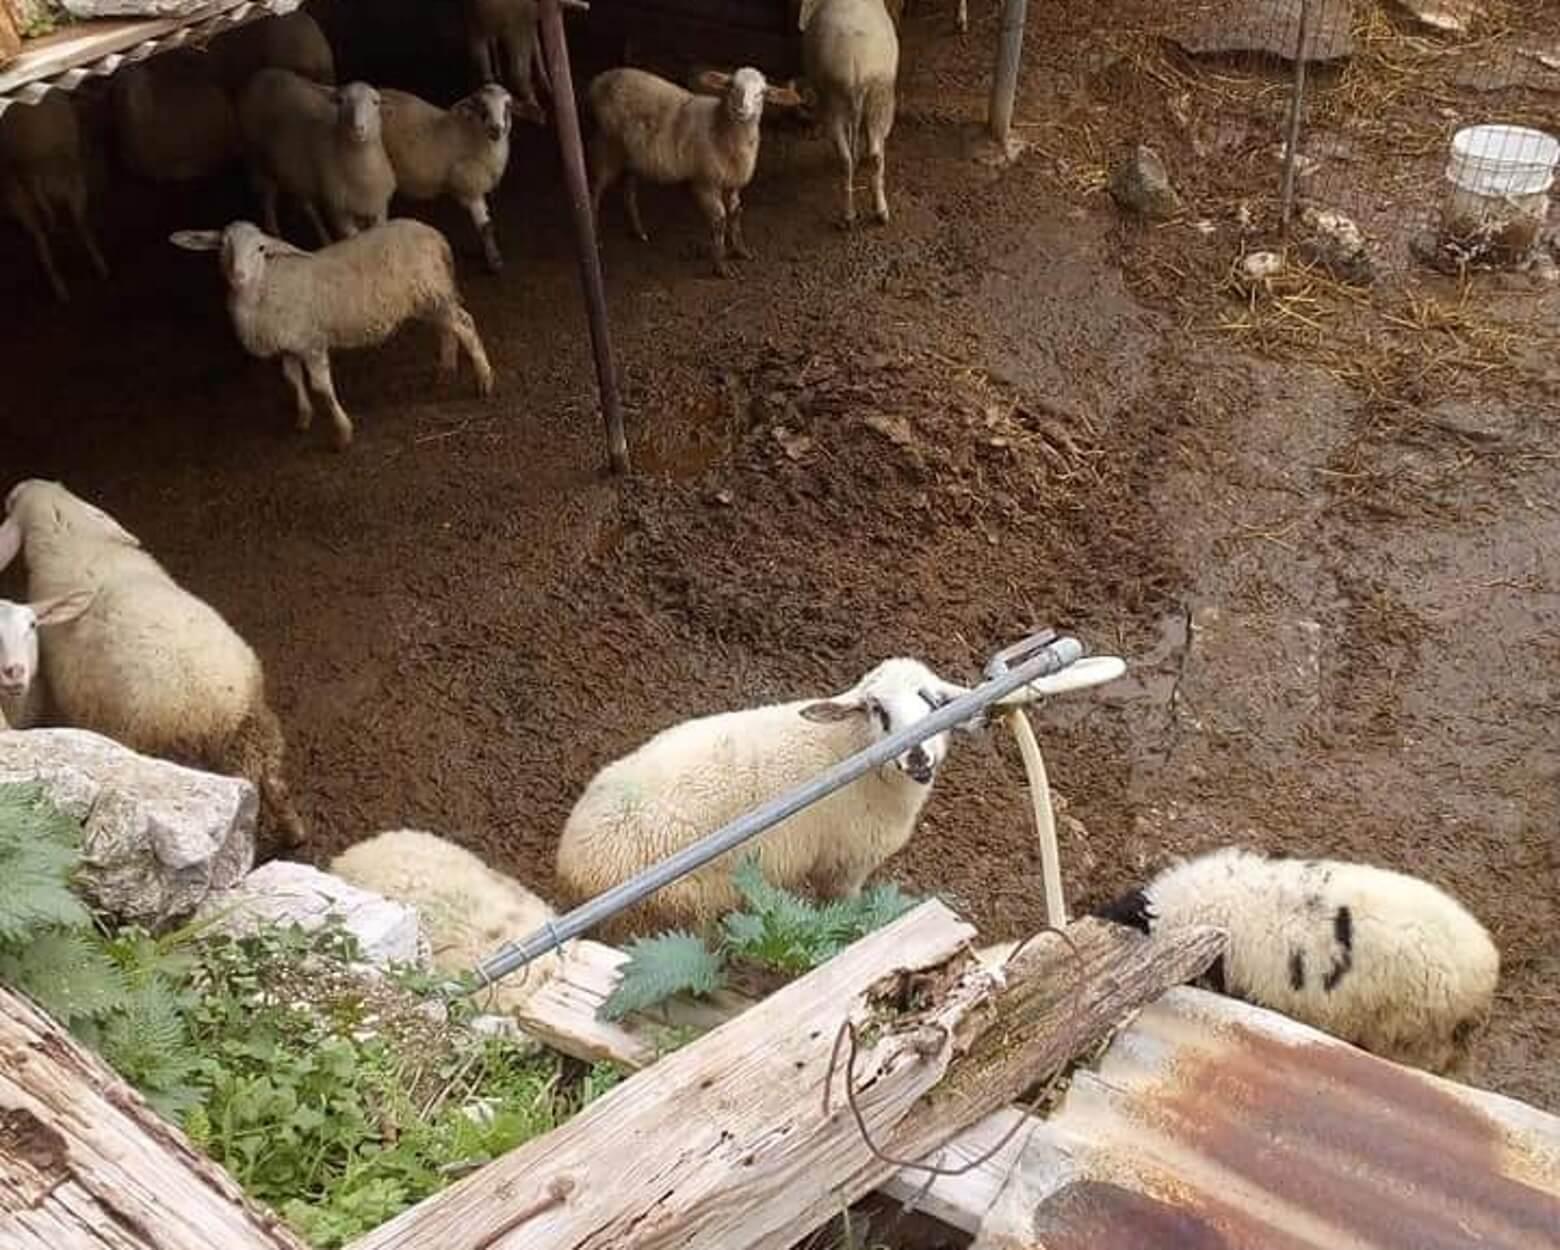 Φυλάκιση 6 μηνών σε κτηνοτρόφο για τις άθλιες συνθήκες στη στάνη του [pics]